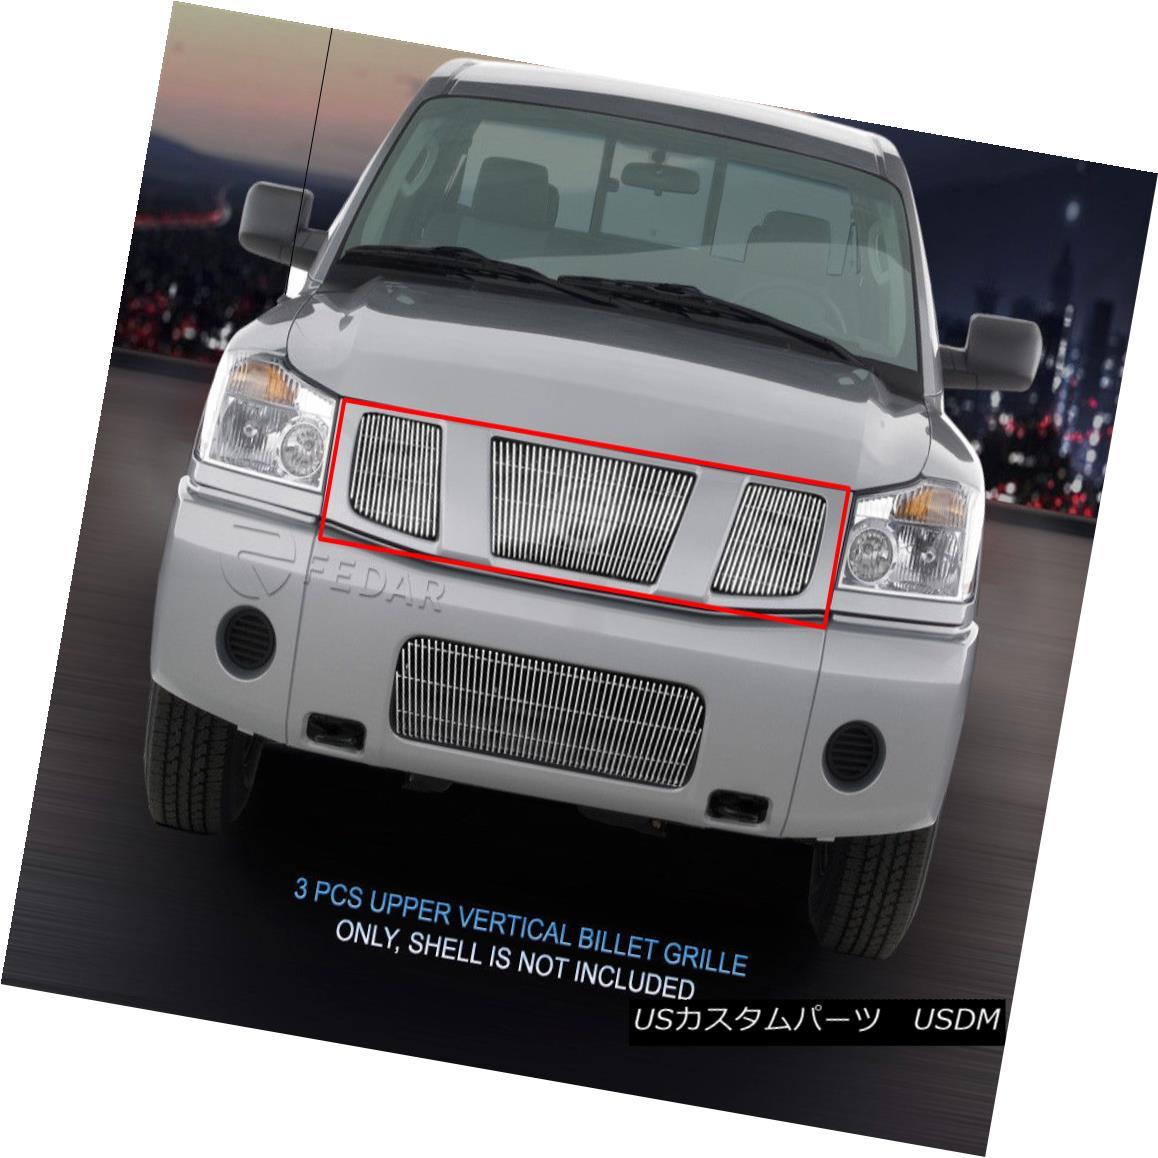 グリル For 04-07 Nissan Armada Titan Vertical Billet Grille Upper Grill Insert Fedar 04-07日産アルマダタイタン垂直ビレットグリルアッパーグリルインサートフェルダ